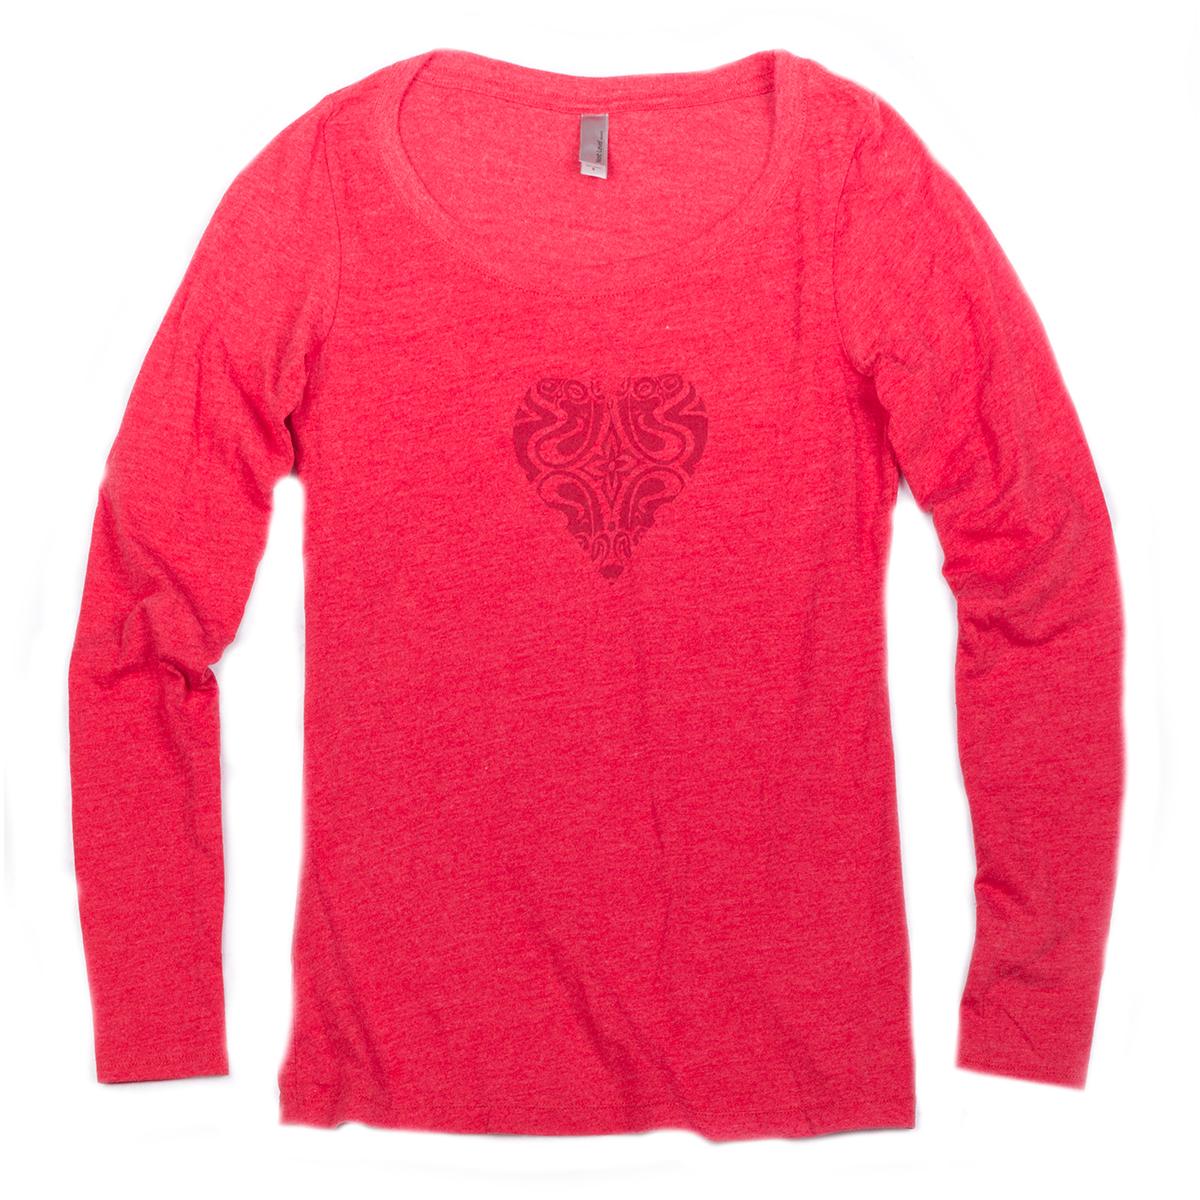 Women's Longsleeve Heart Dose